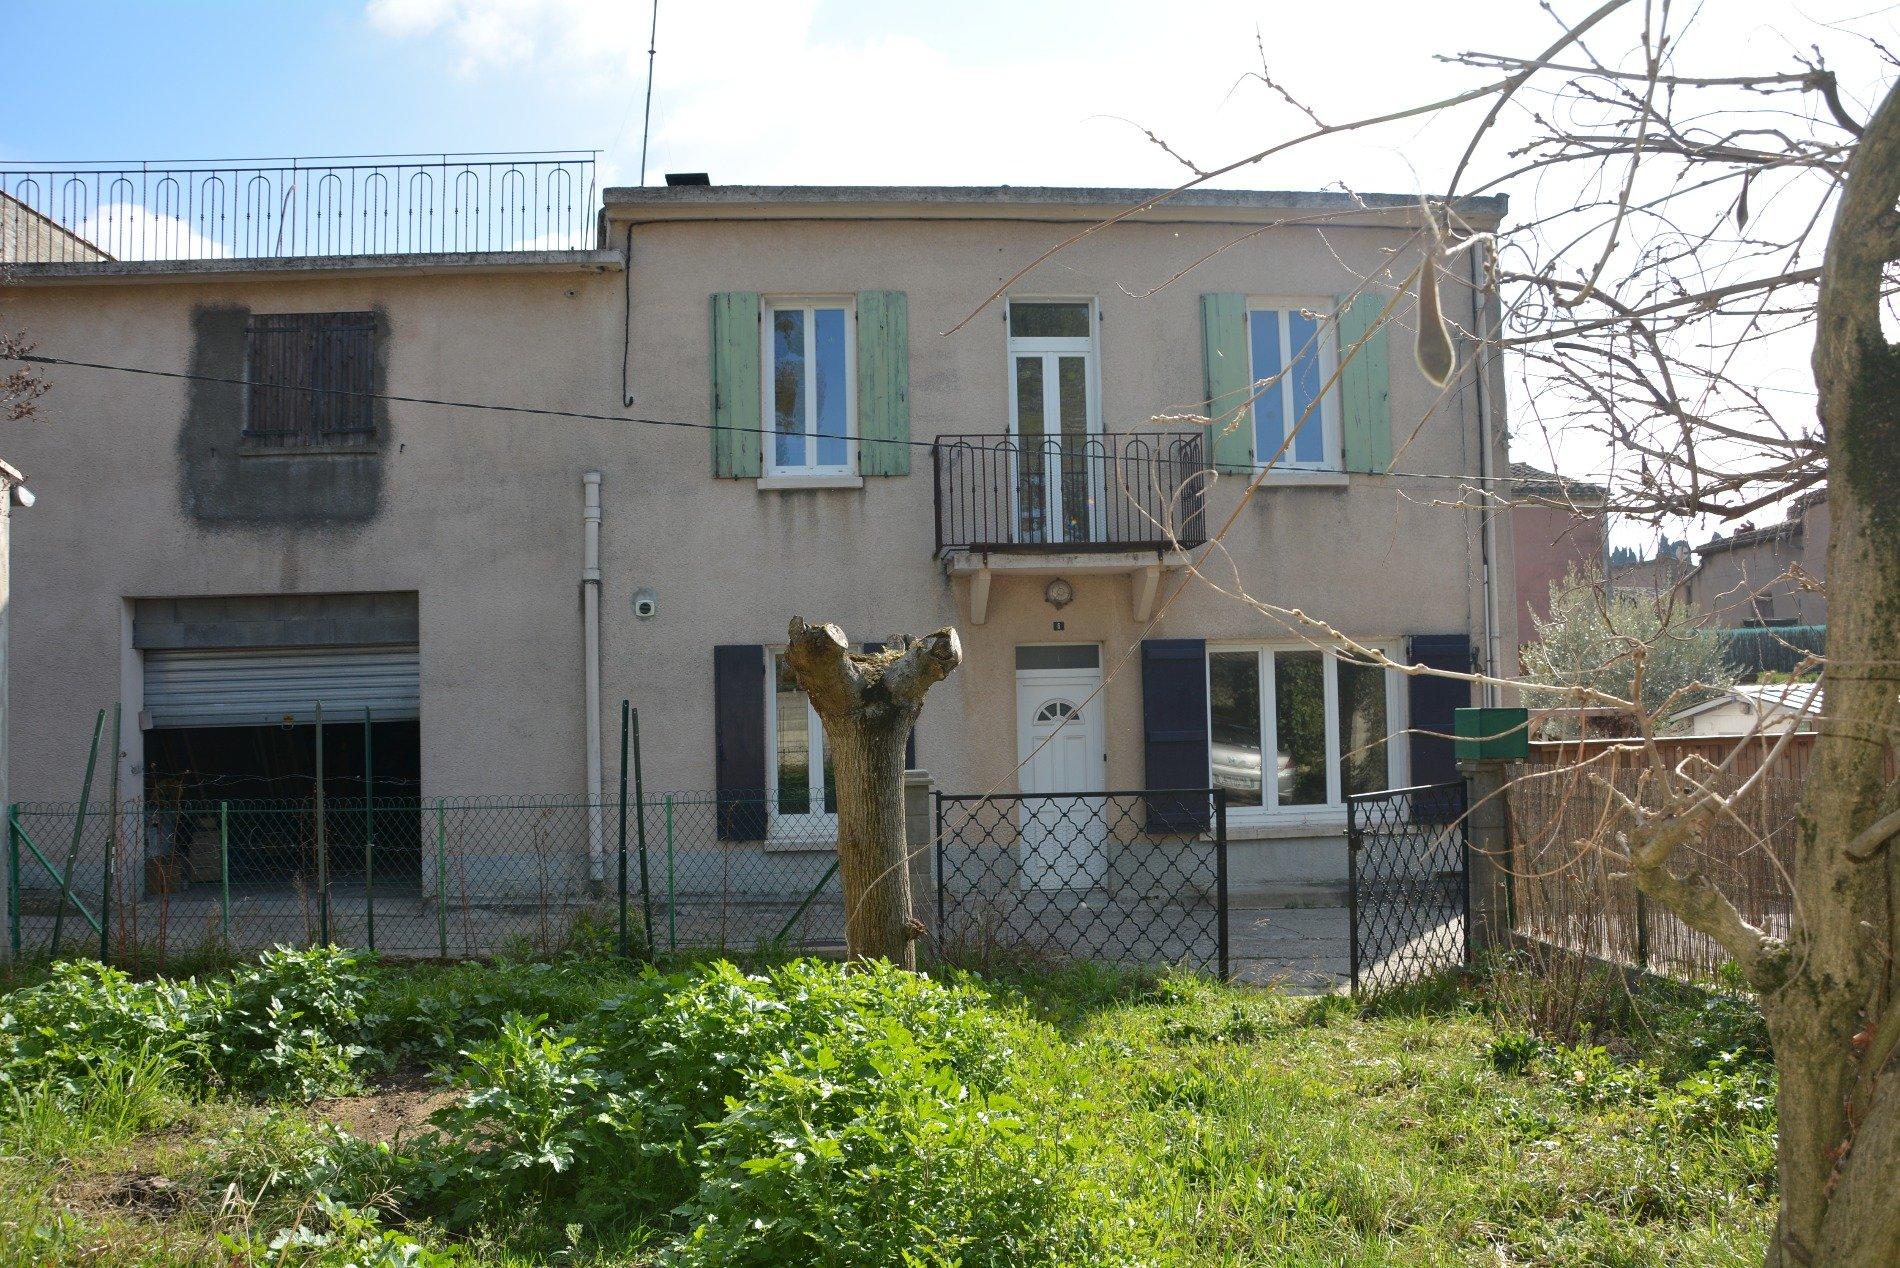 House CARCASSONNAIS | 139 500 €